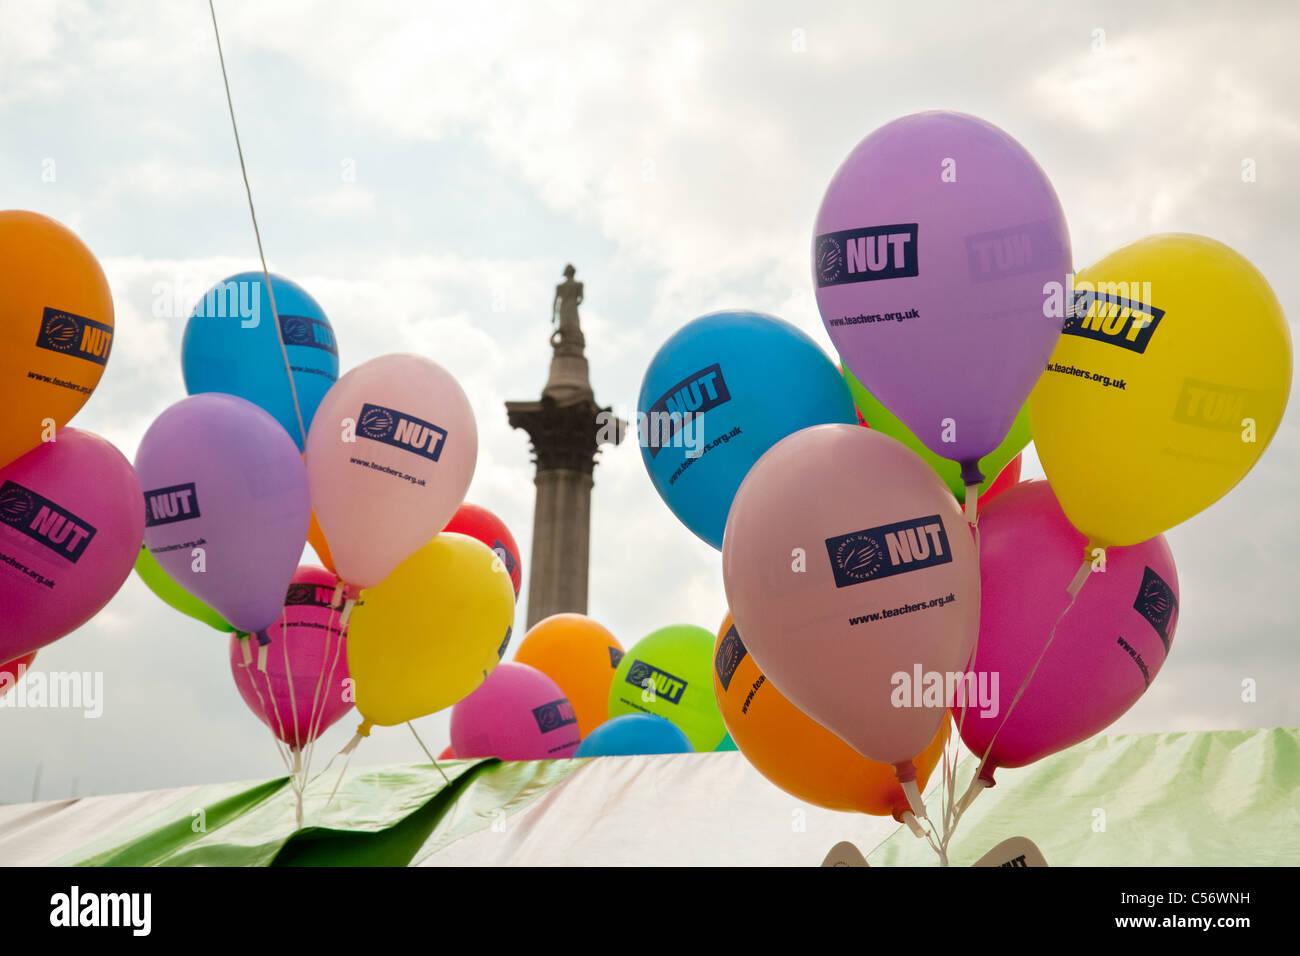 Nationaler Anschluß der Lehrer (Mutter) Stand und Ballons an der Gay Pride März, Trafalgar Square, London Stockbild